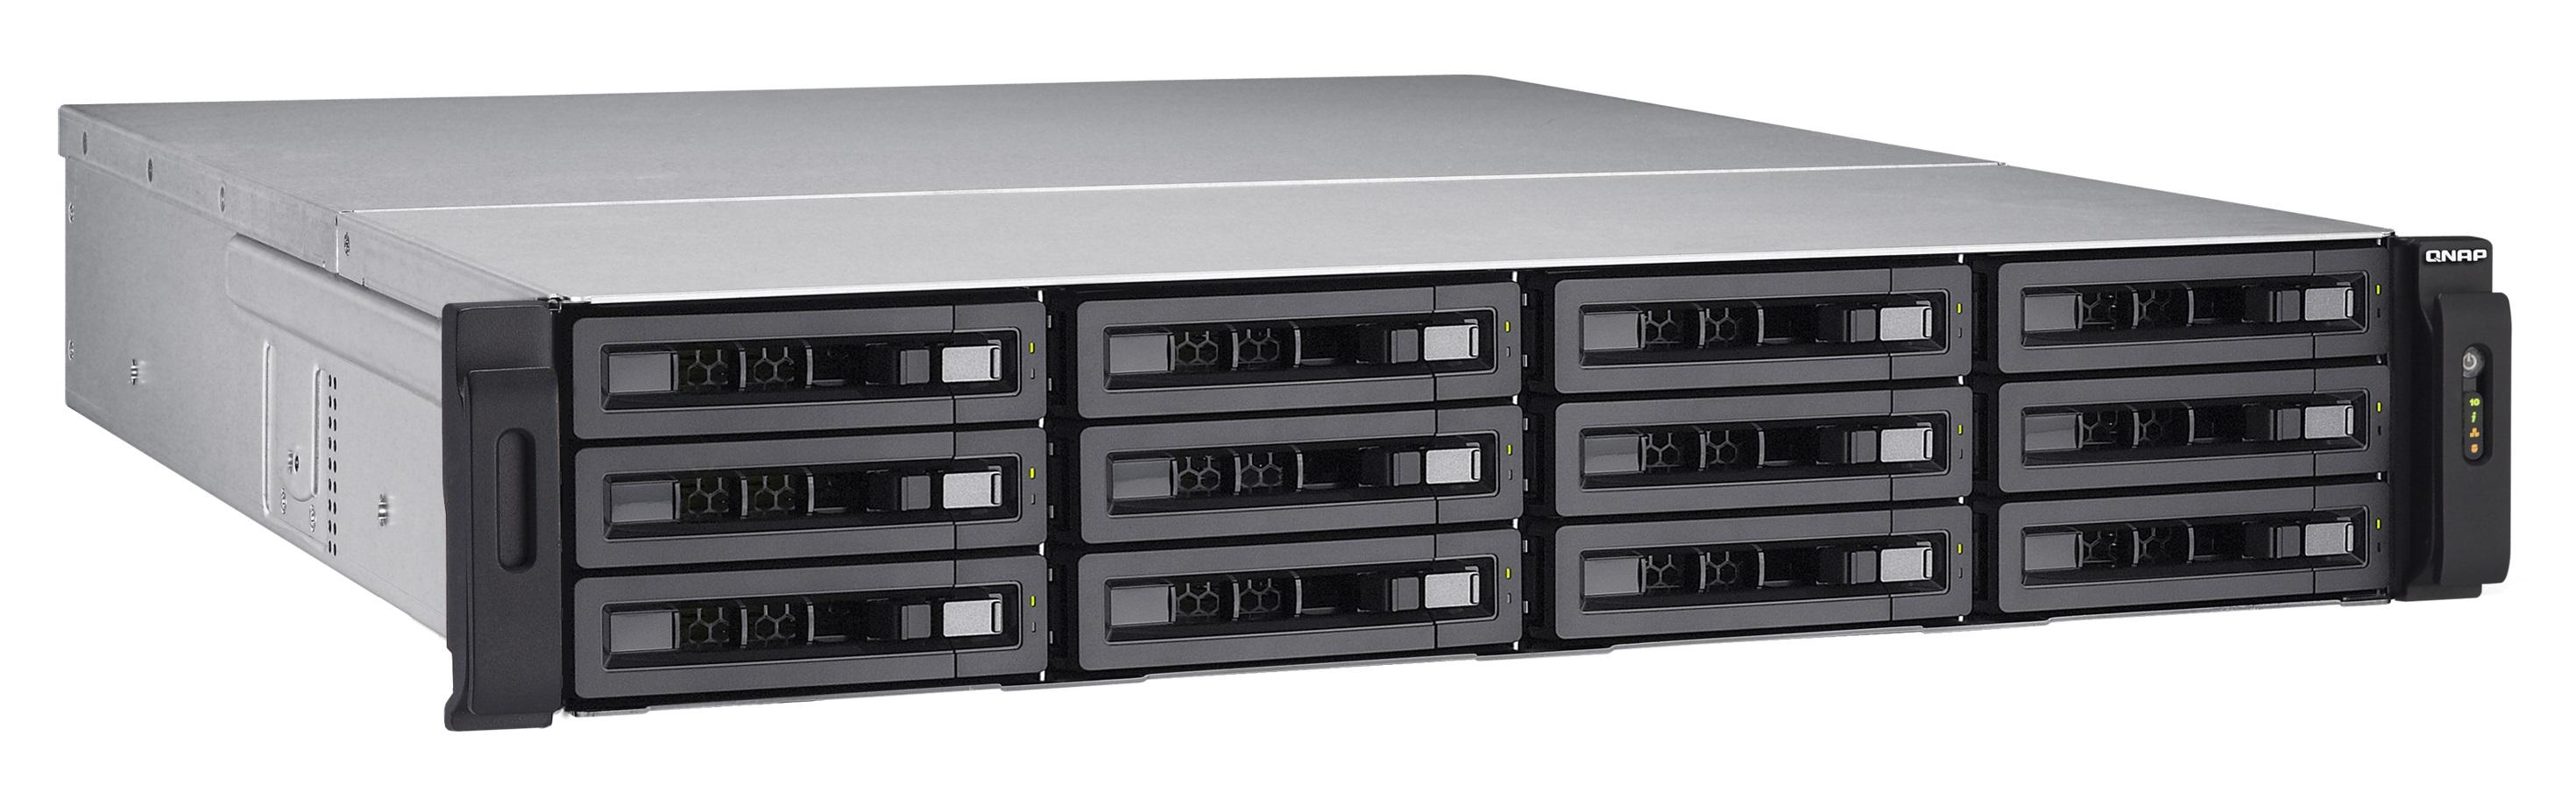 QNAP TS-EC1280U-i3-8G-R2 (3,5GHz/8GB ECC/12xSATA)